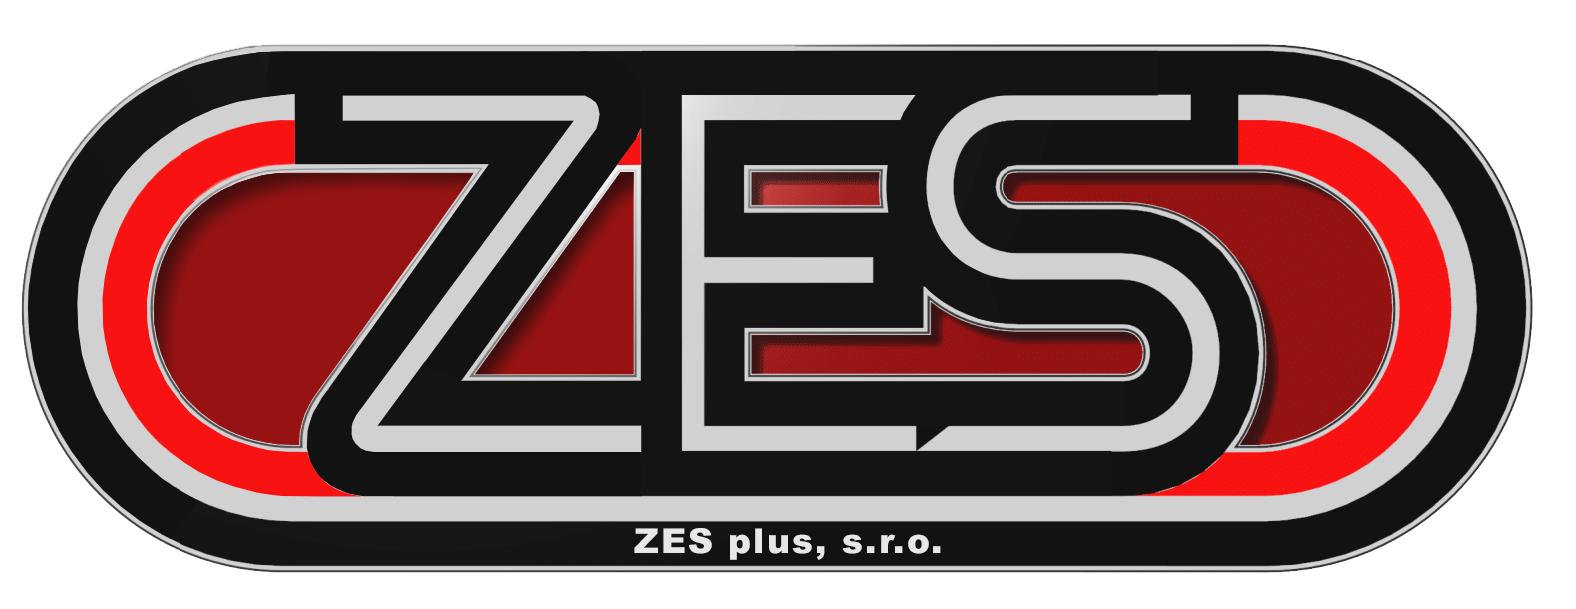 ZES plus s.r.o.